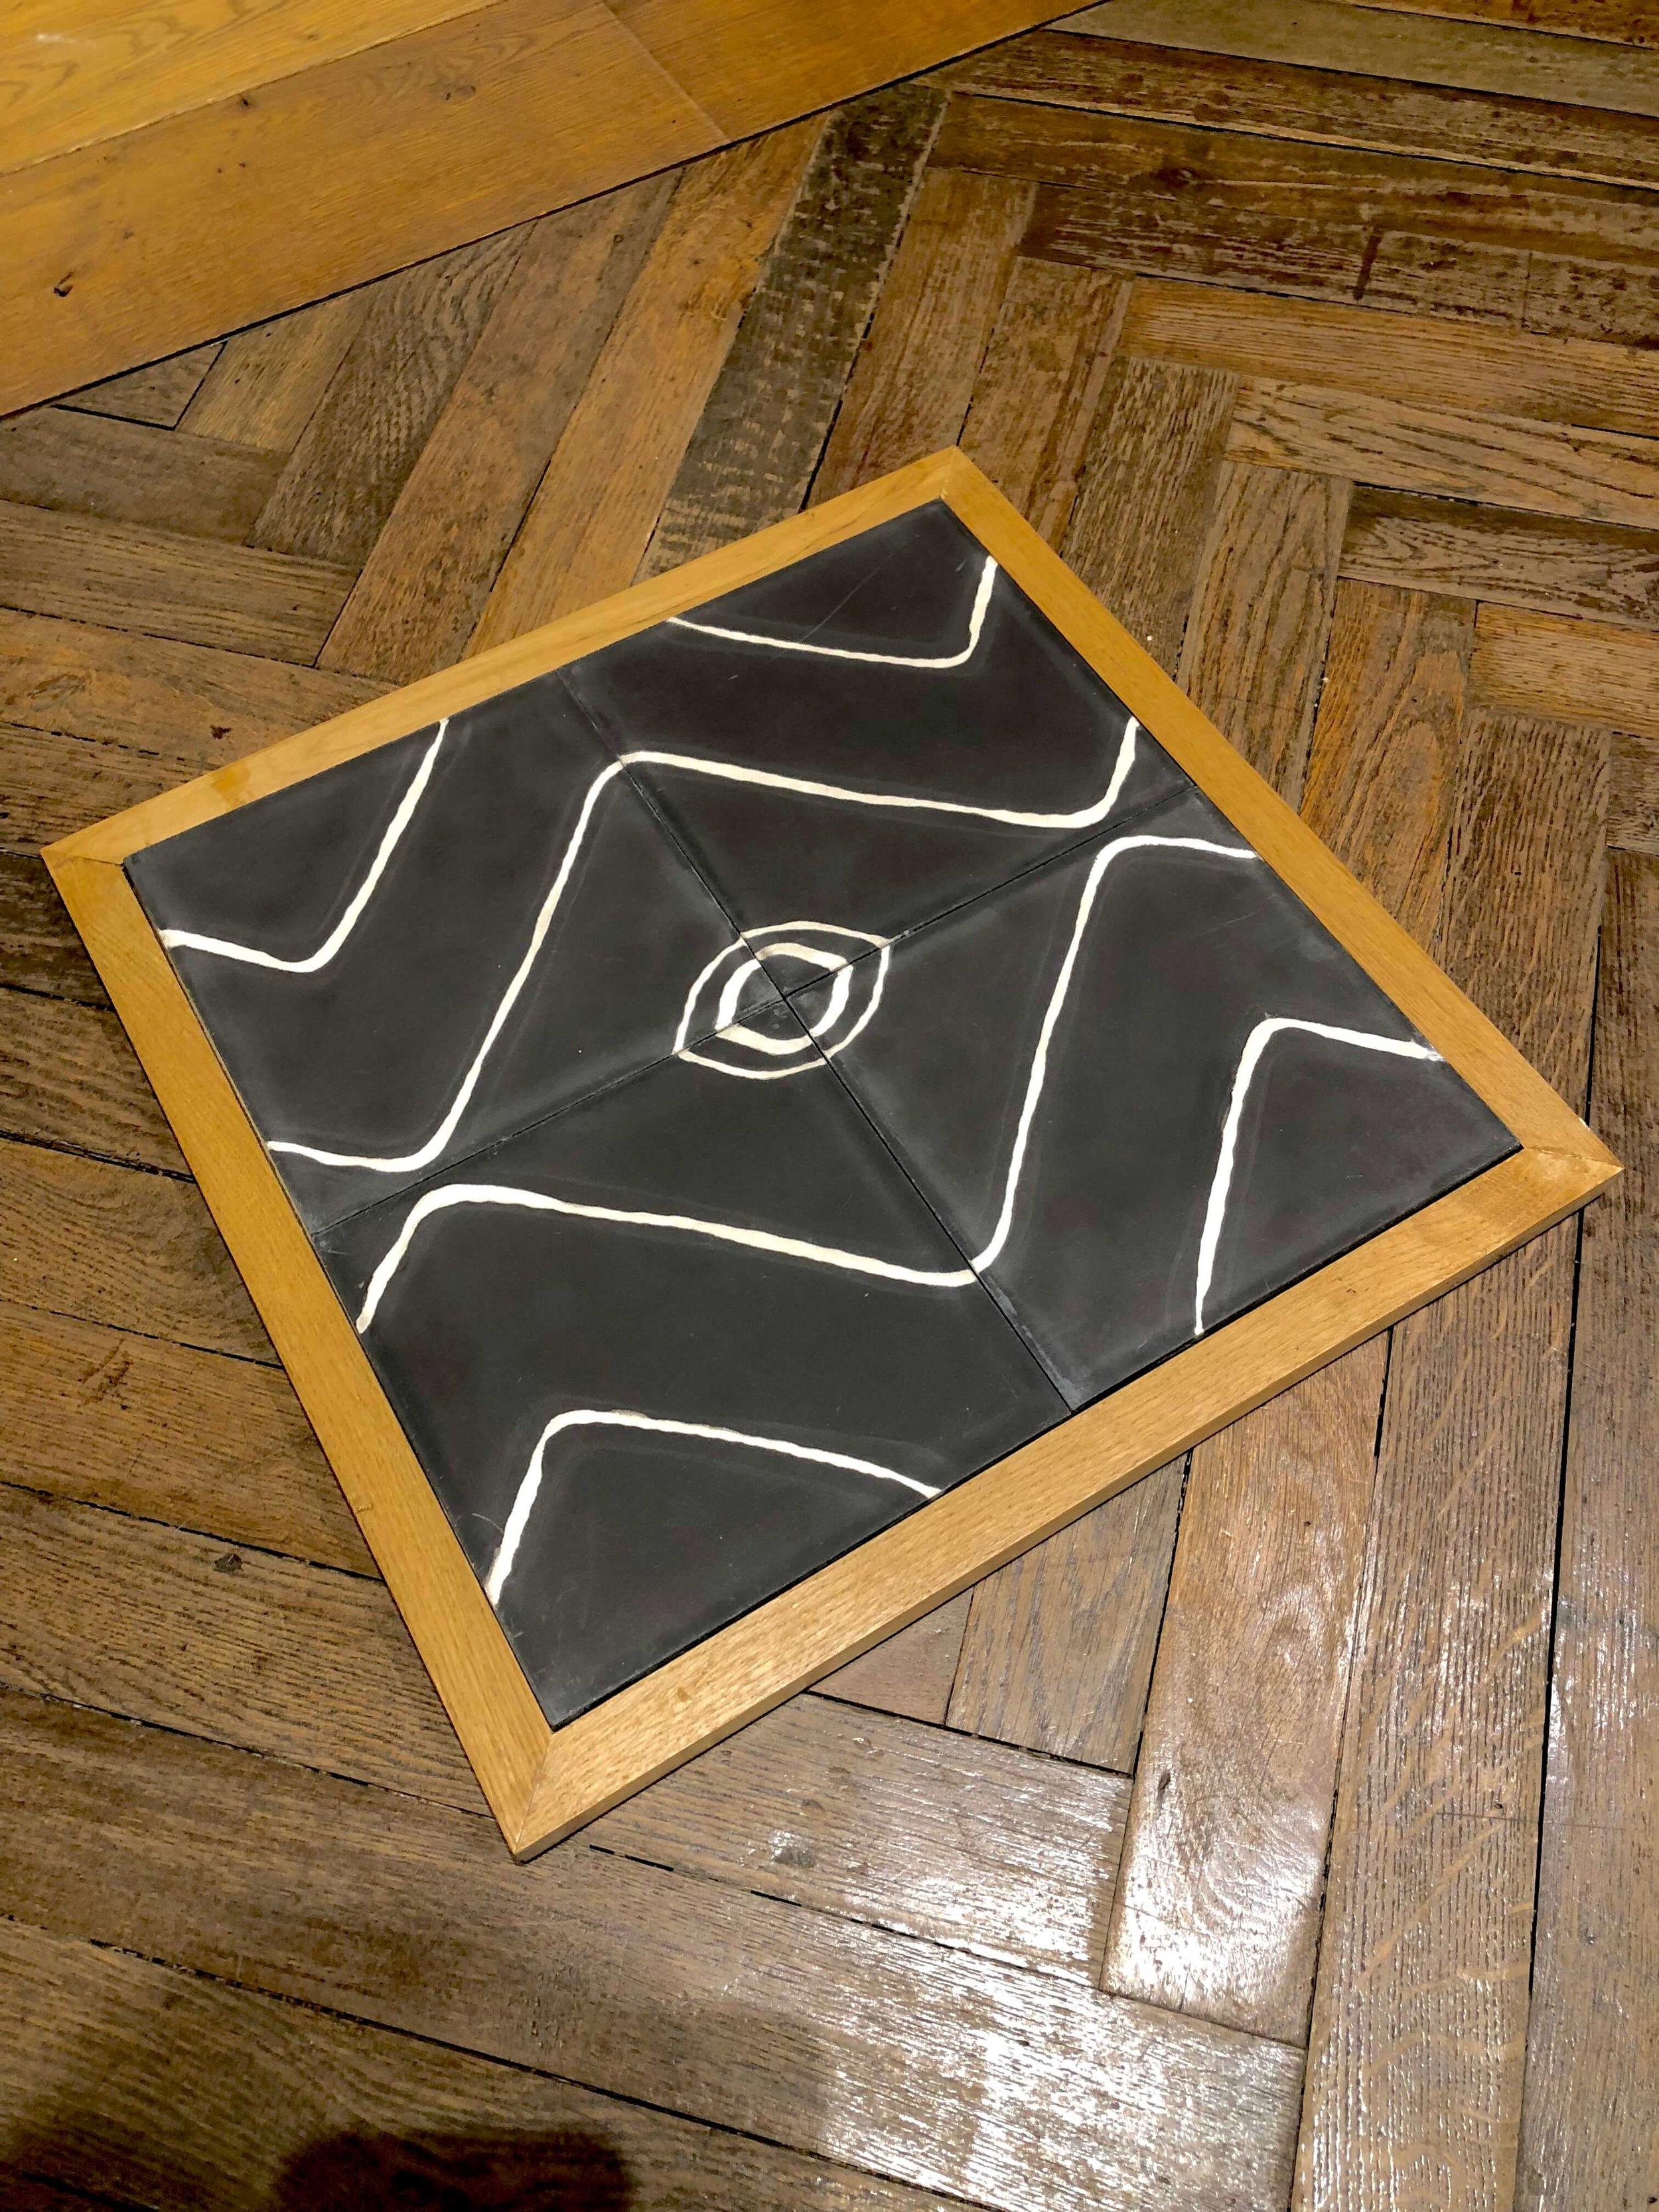 Concrete tile designed by Commune Design at Exquisite Surfaces - Merchandise Mart, Chicago #concretetile #tilepattern